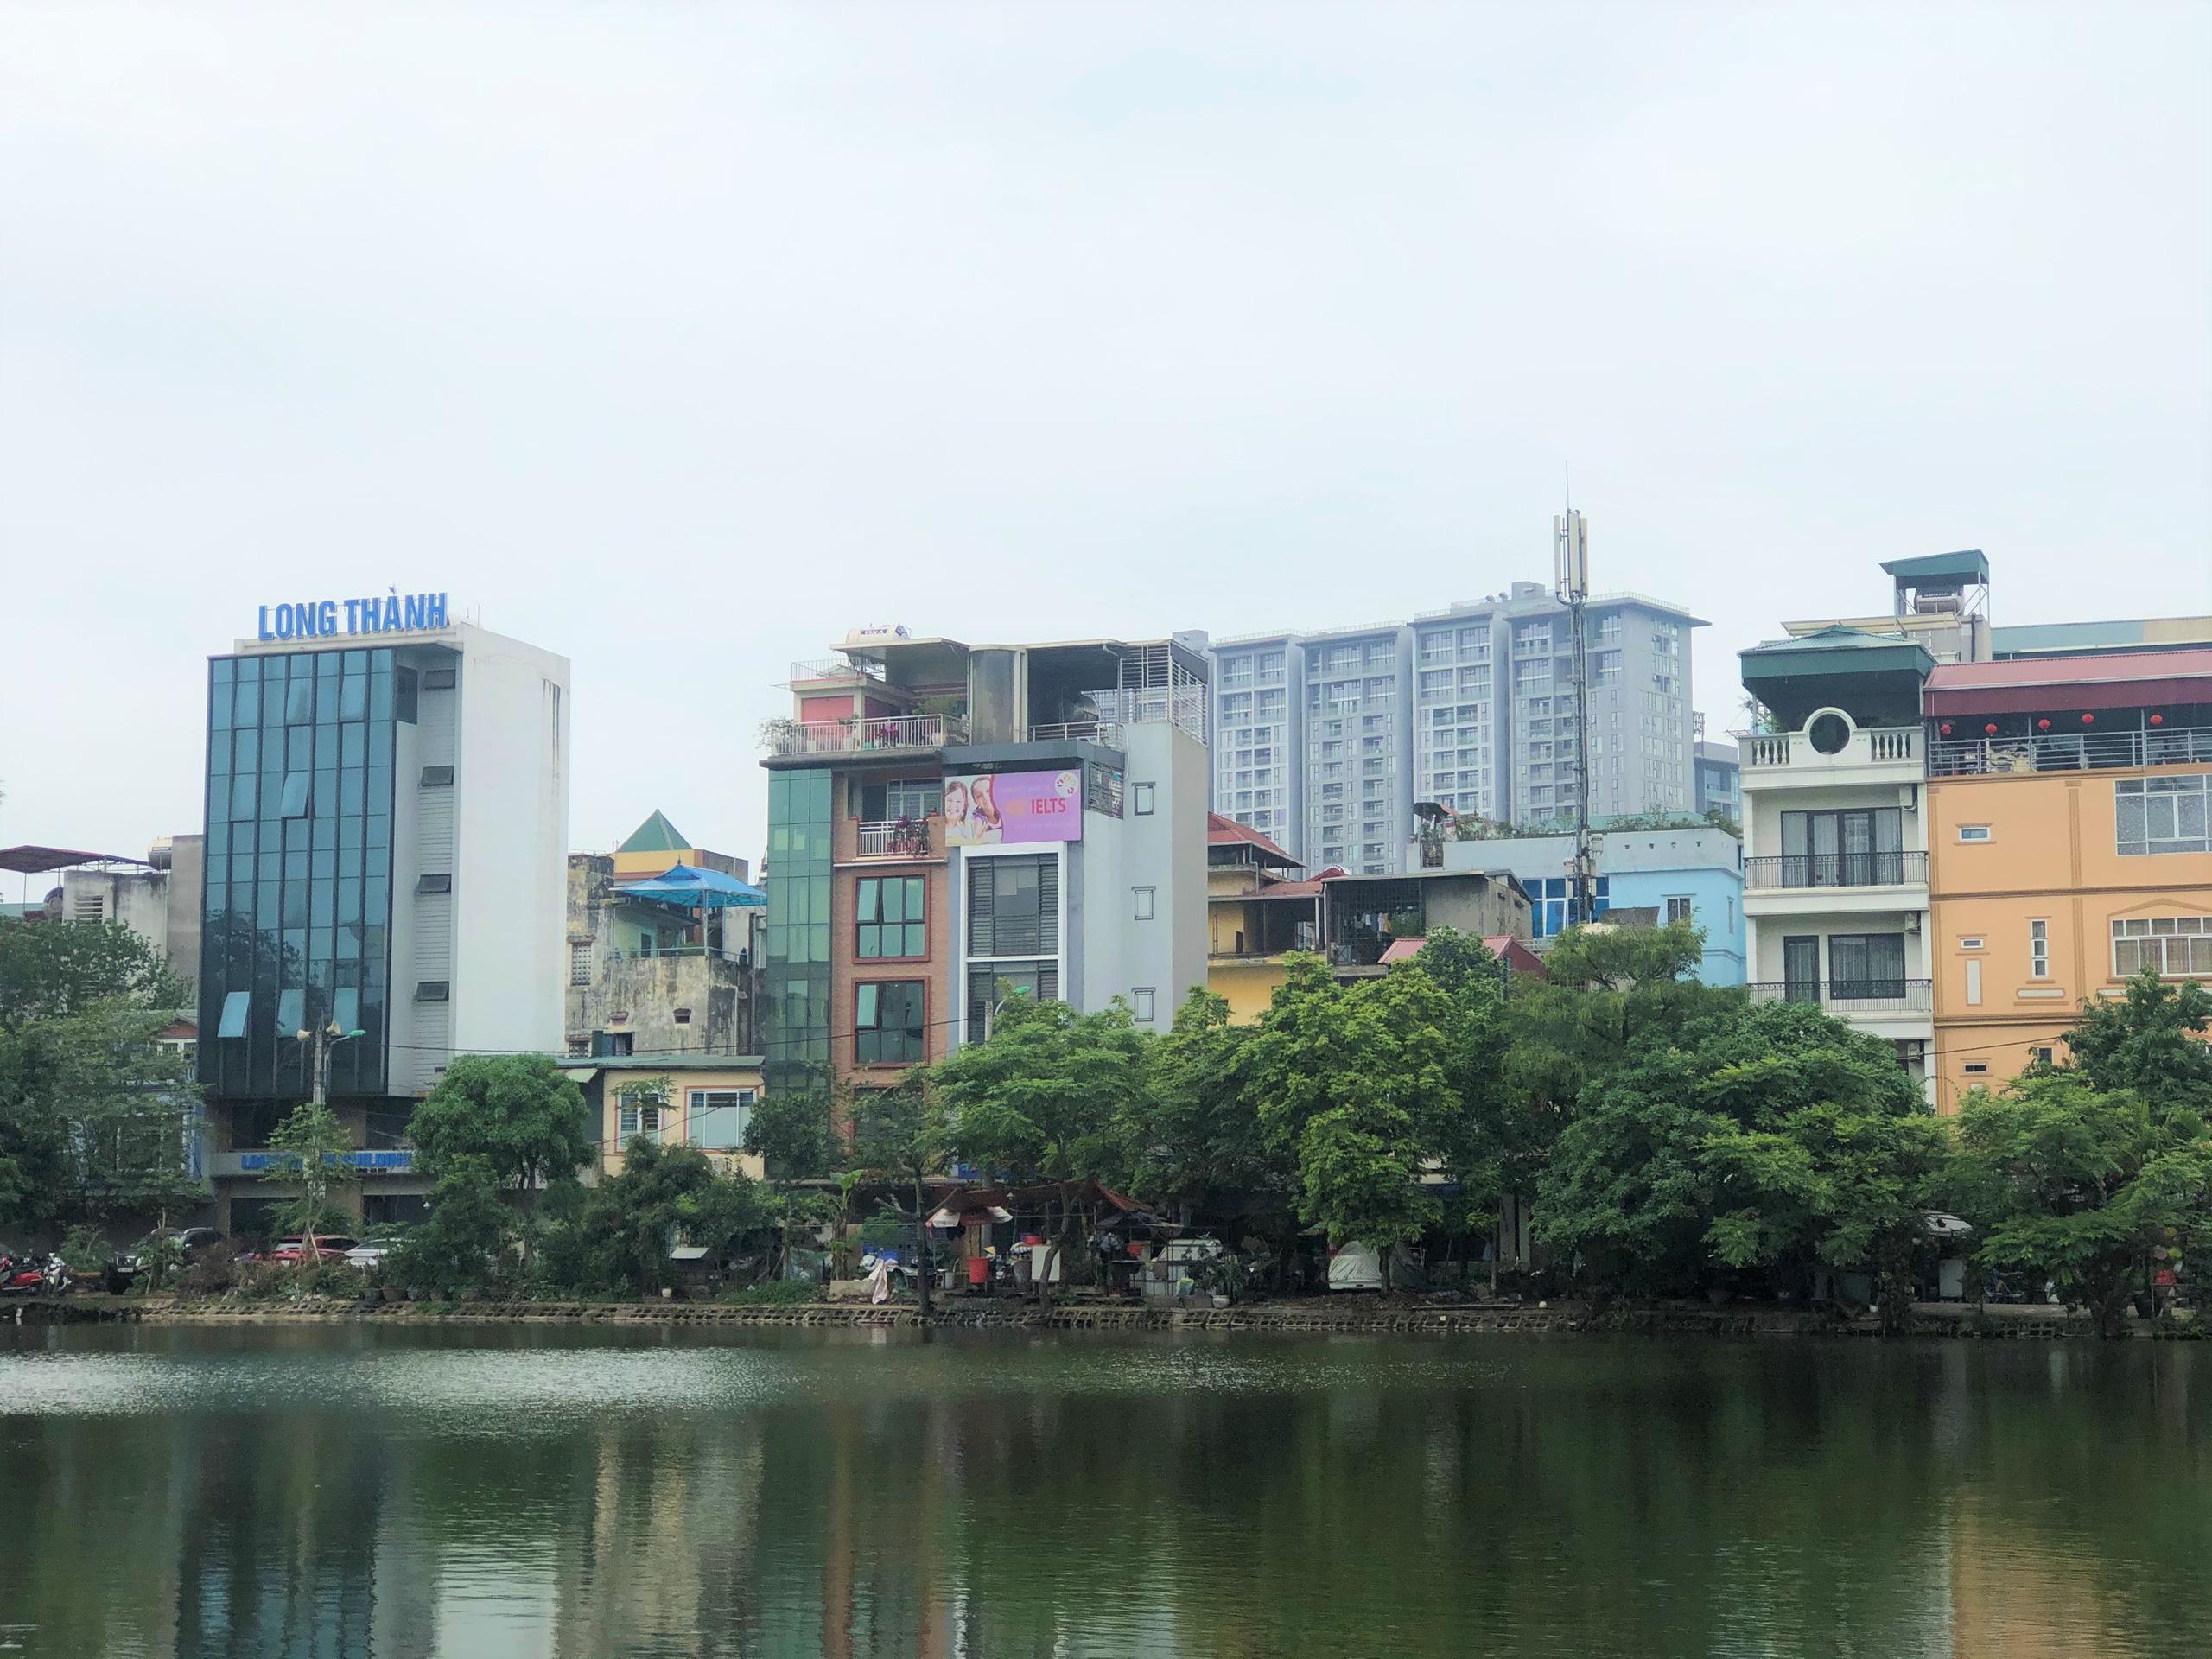 Đường sắp mở theo quy hoạch ở phường Ngọc Hà, Ba Đình, Hà Nội (phần 2): Đường nối Đội Cấn - Ngọc Hà - Ảnh 7.